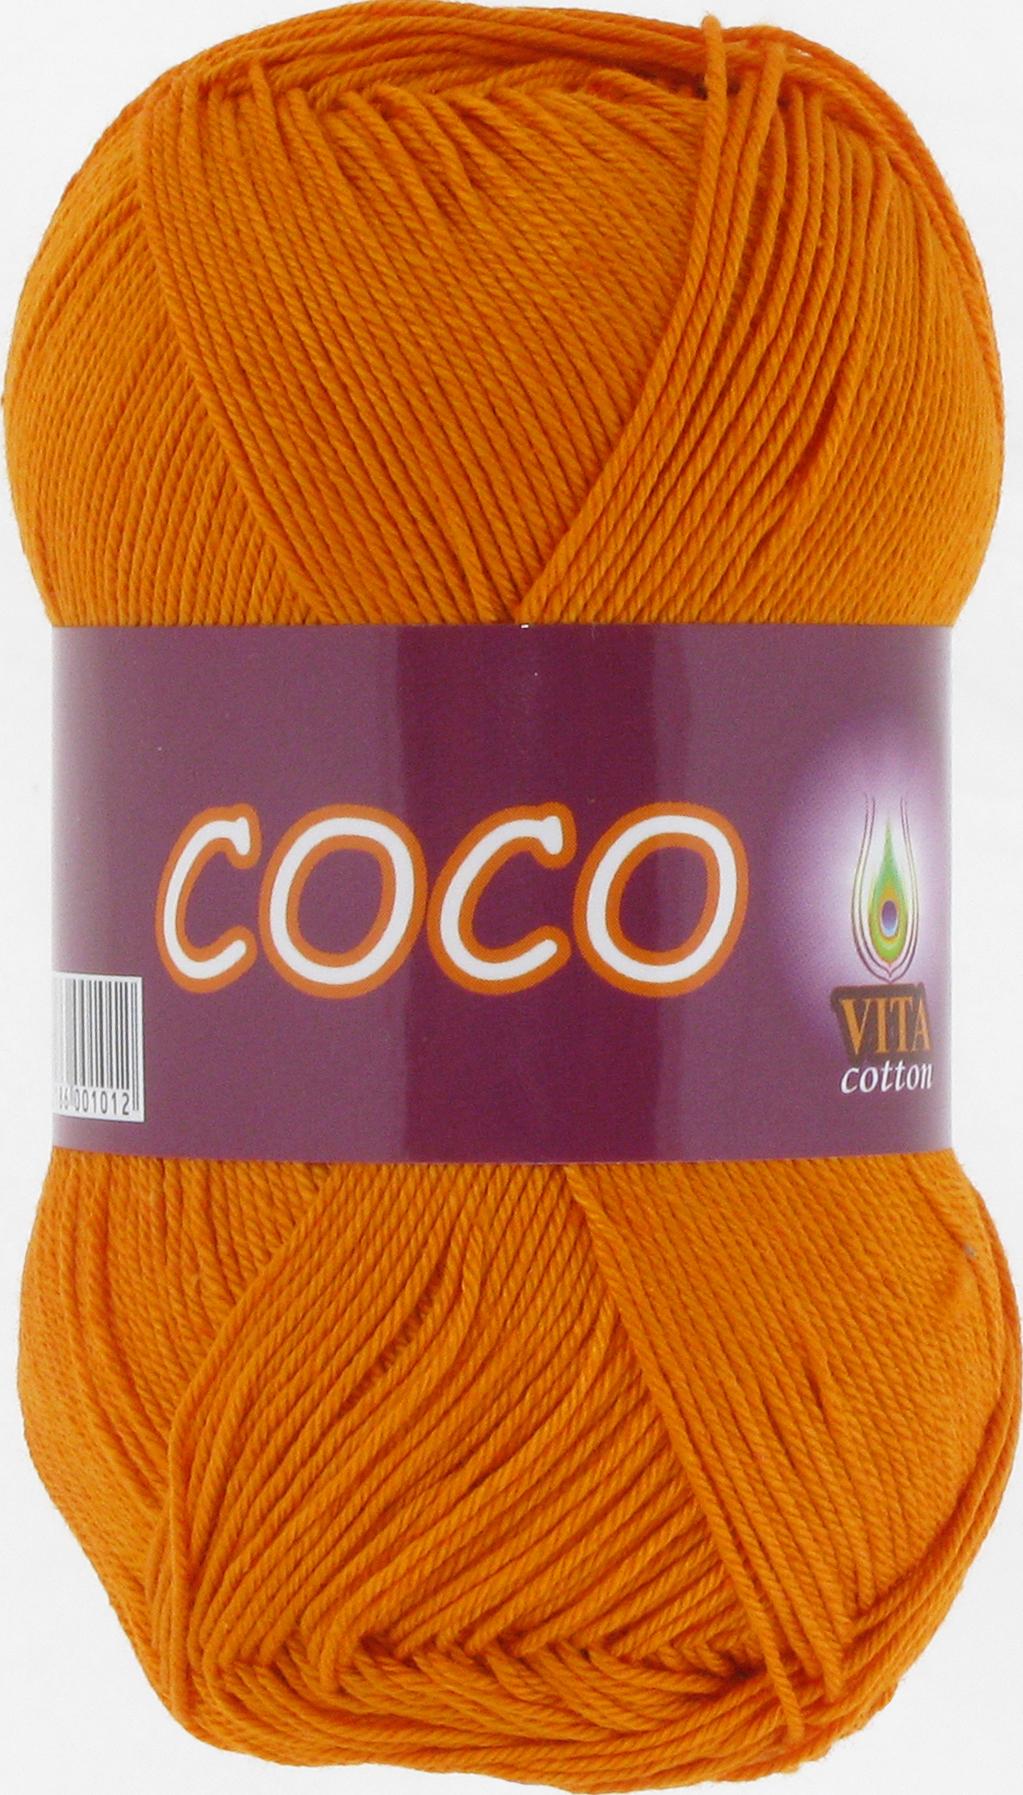 Пряжа Vita Coco 4329 горчица